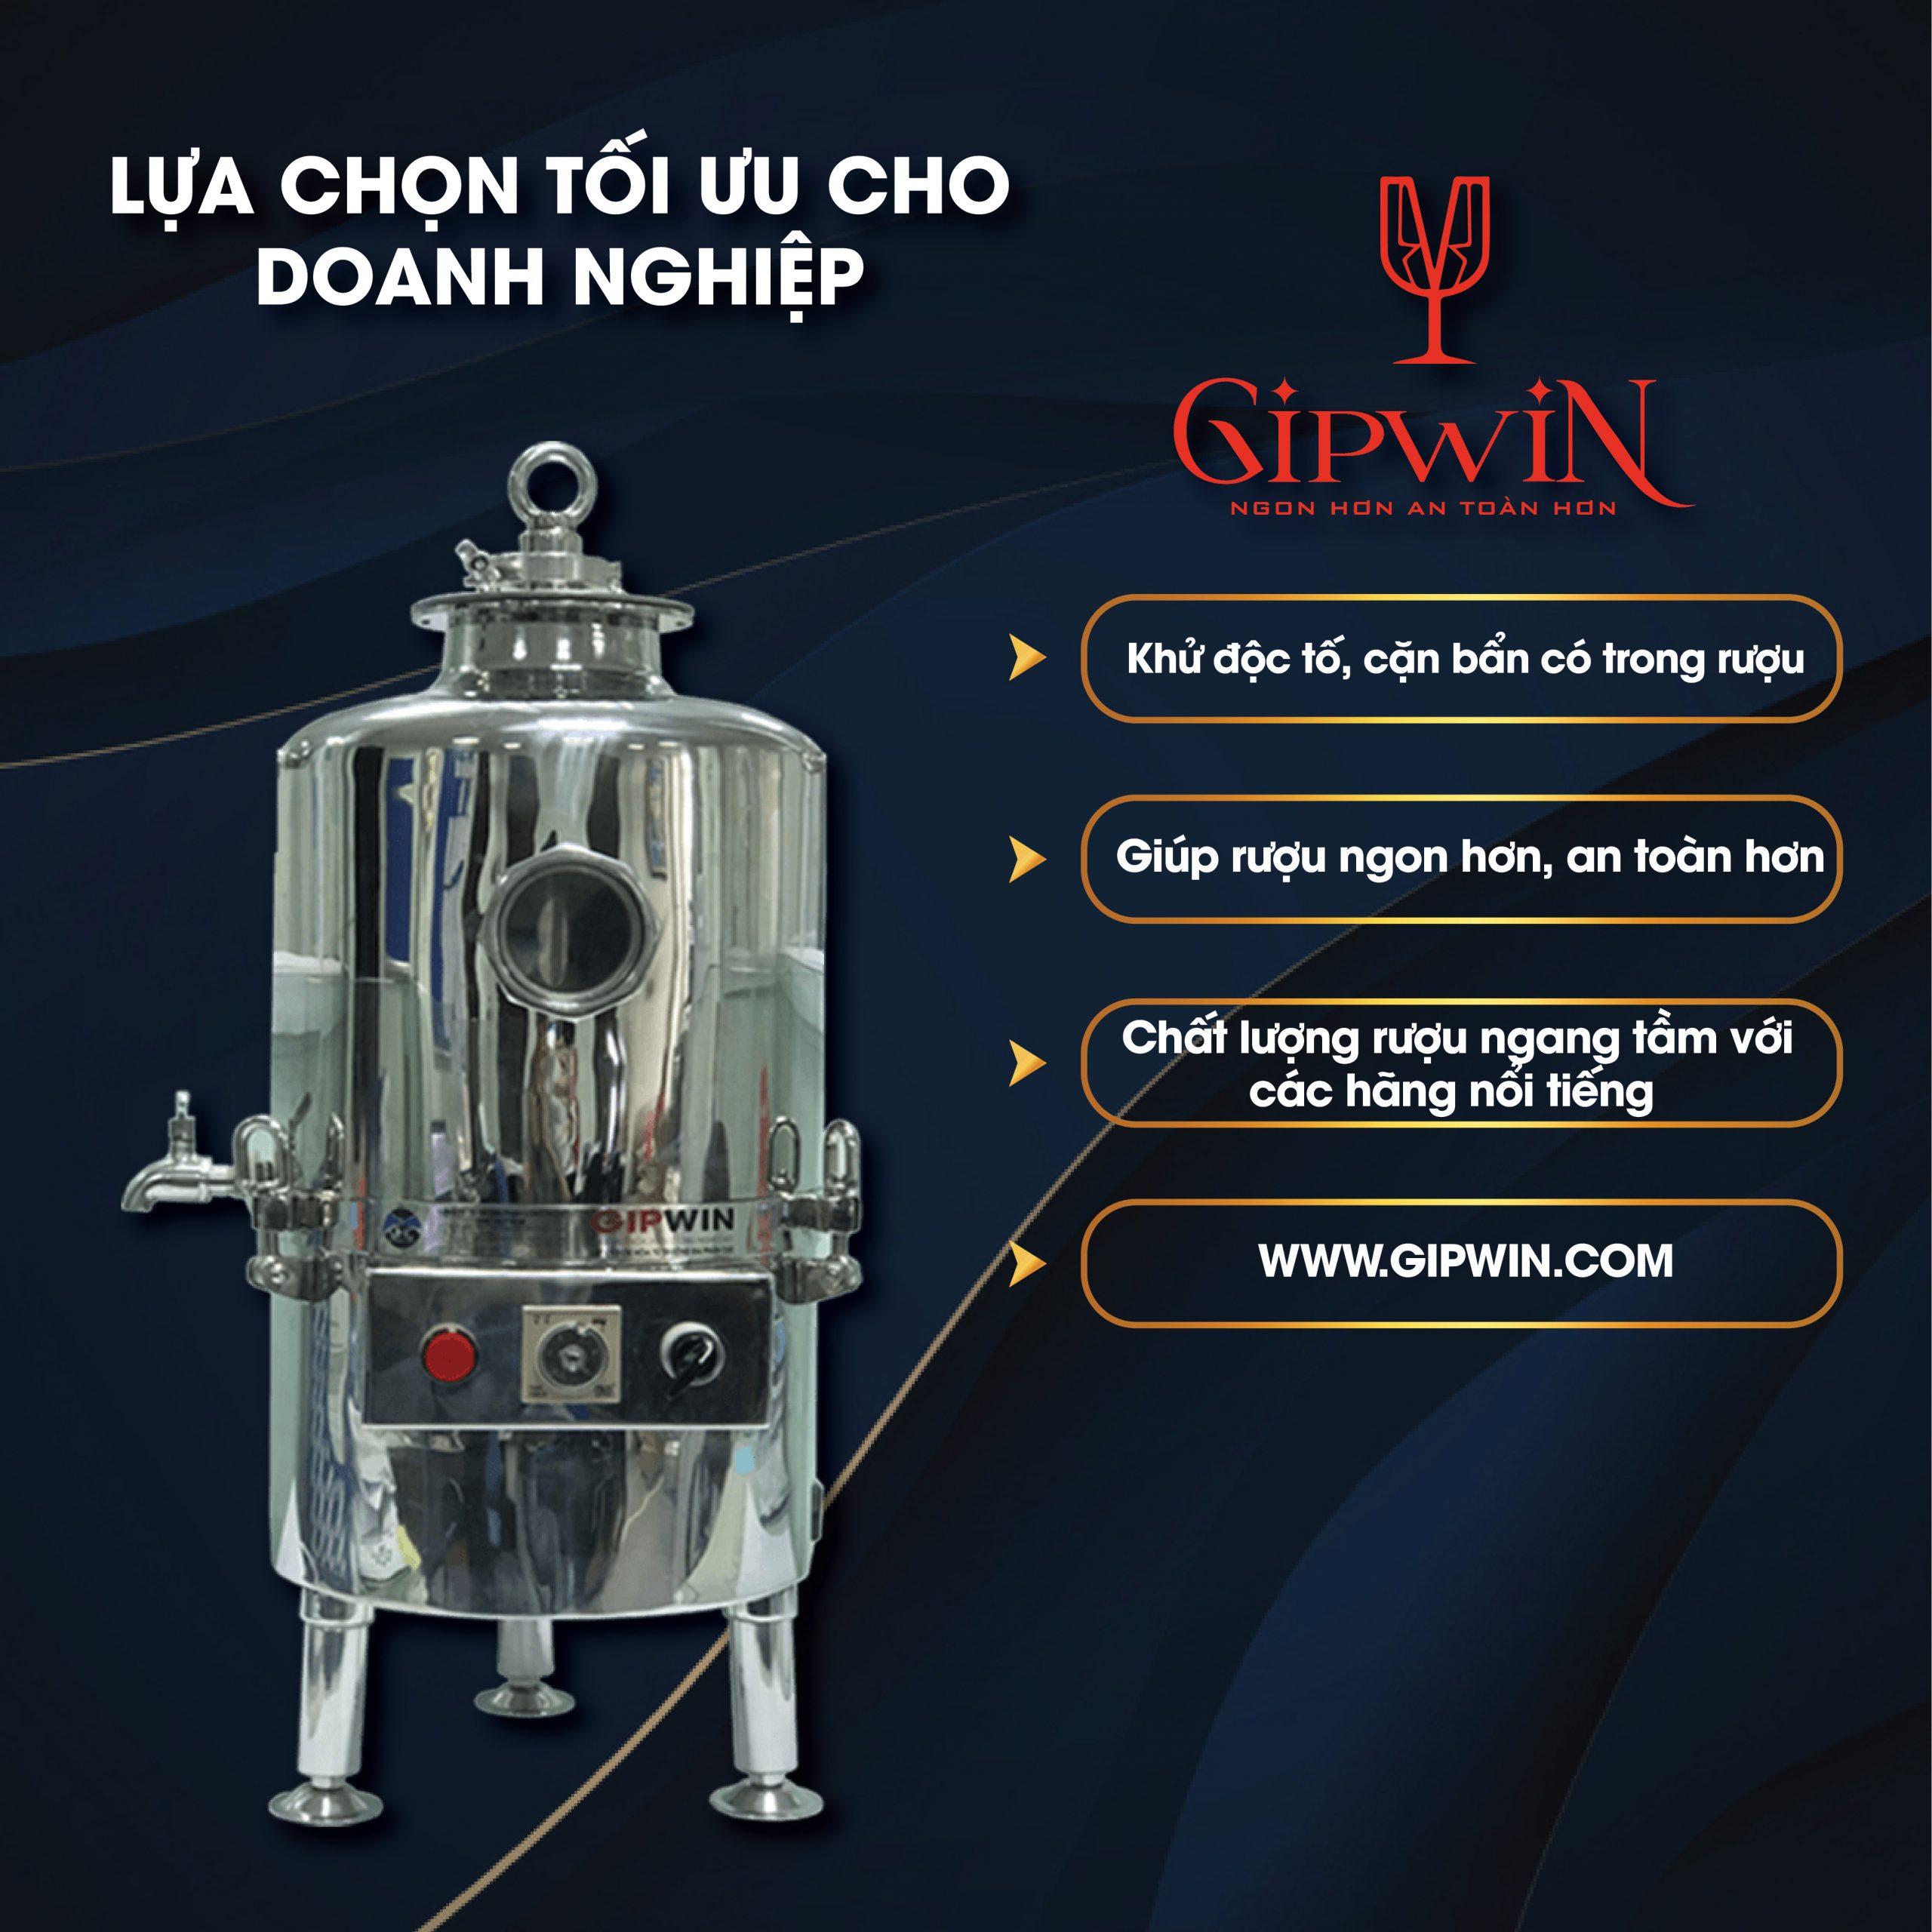 Máy lọc rượu cộng nghiệp Gipwin 30 lít